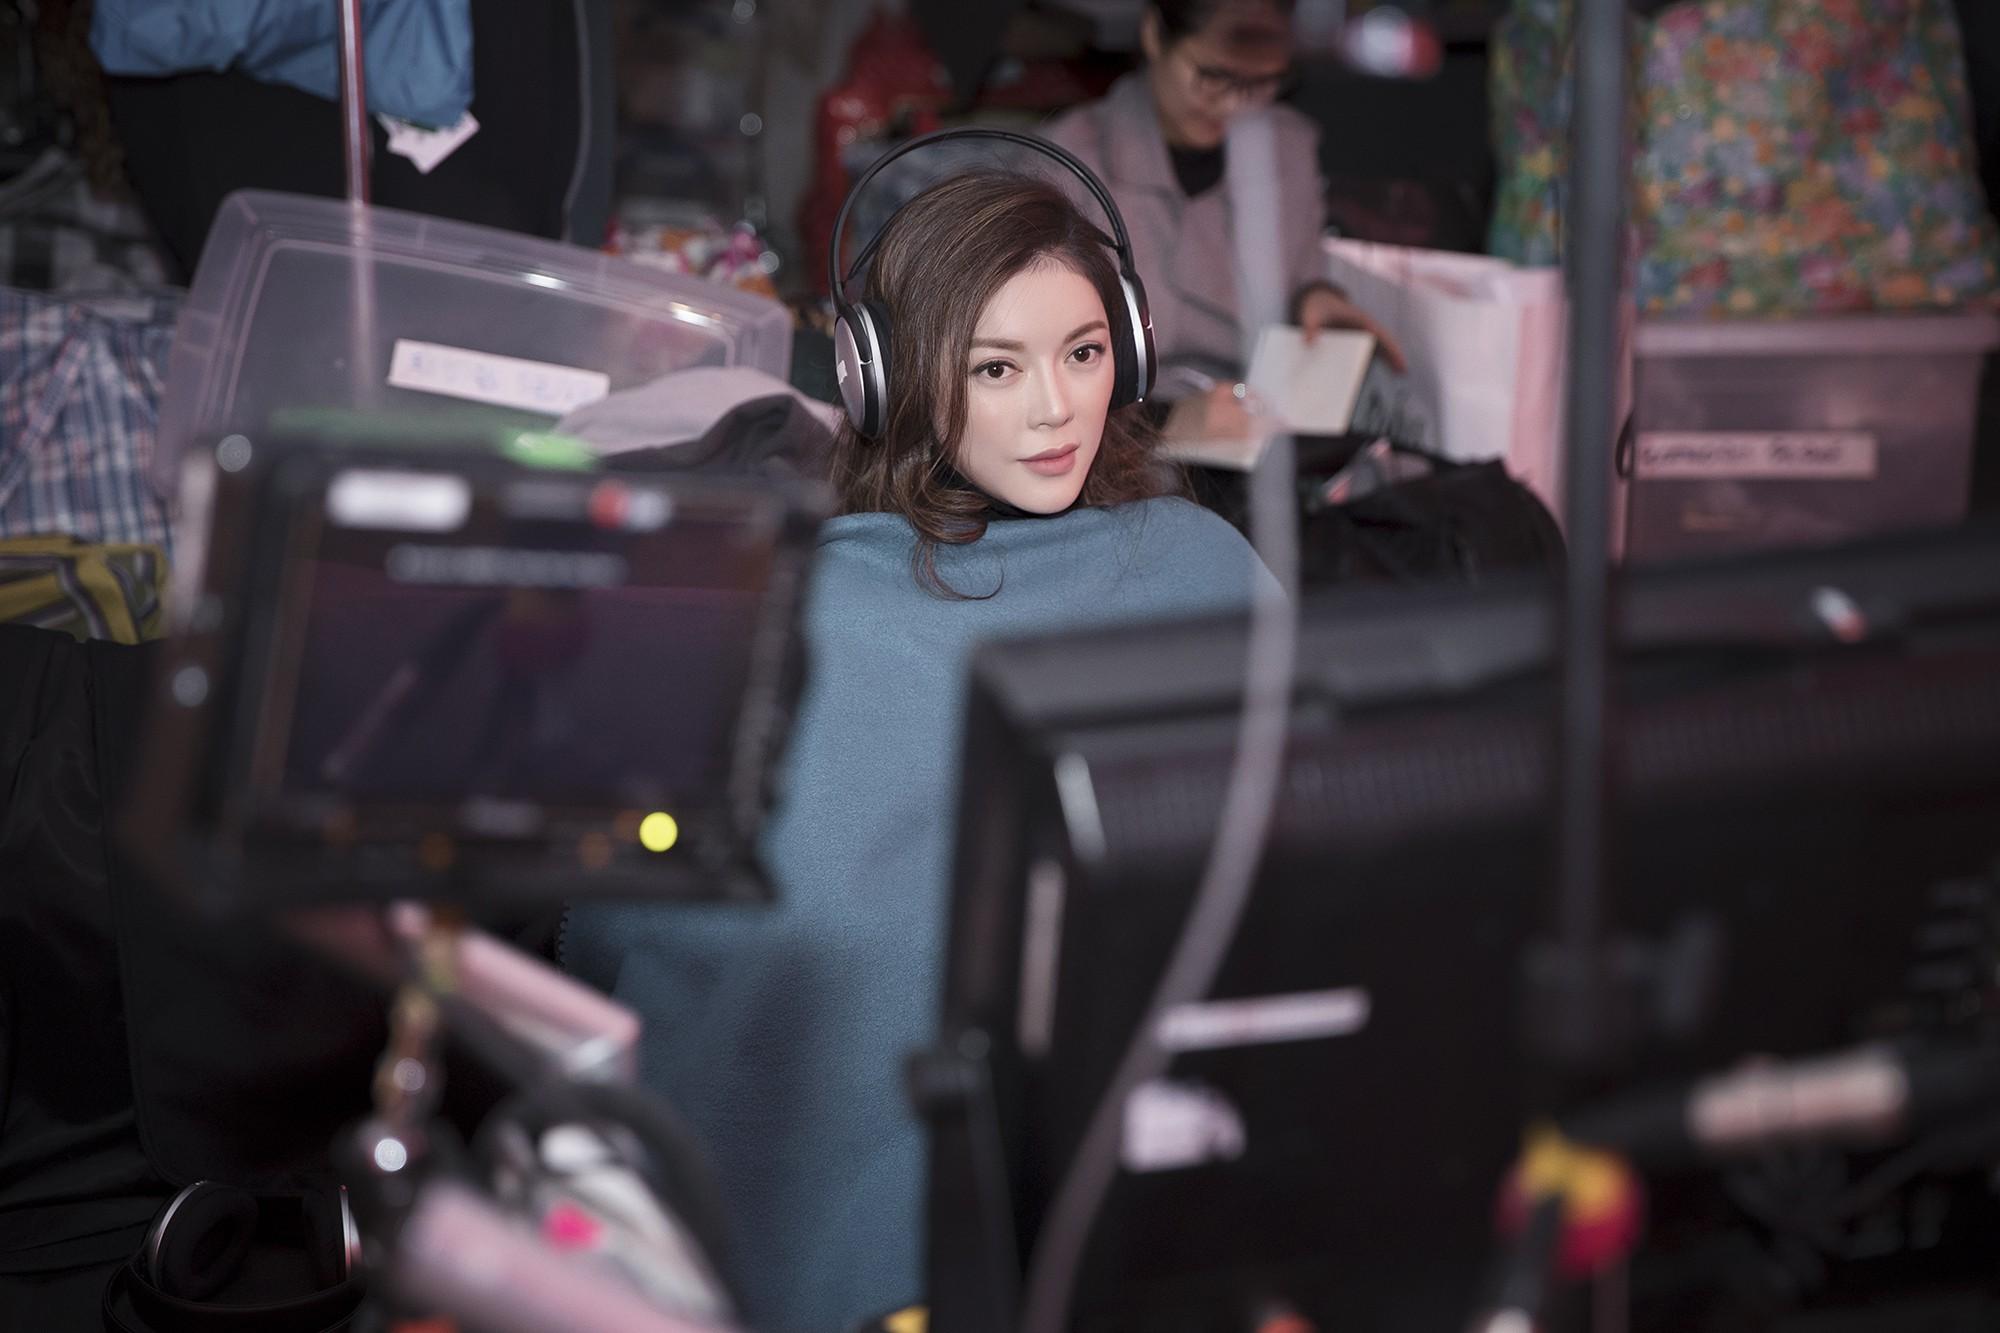 Ngô Thanh Vân, Trương Ngọc Ánh, Lý Nhã Kỳ, Hồng Ánh, Minh Hằng: 5 người phụ nữ ôm giấc mộng lớn của điện ảnh Việt Nam - Ảnh 7.